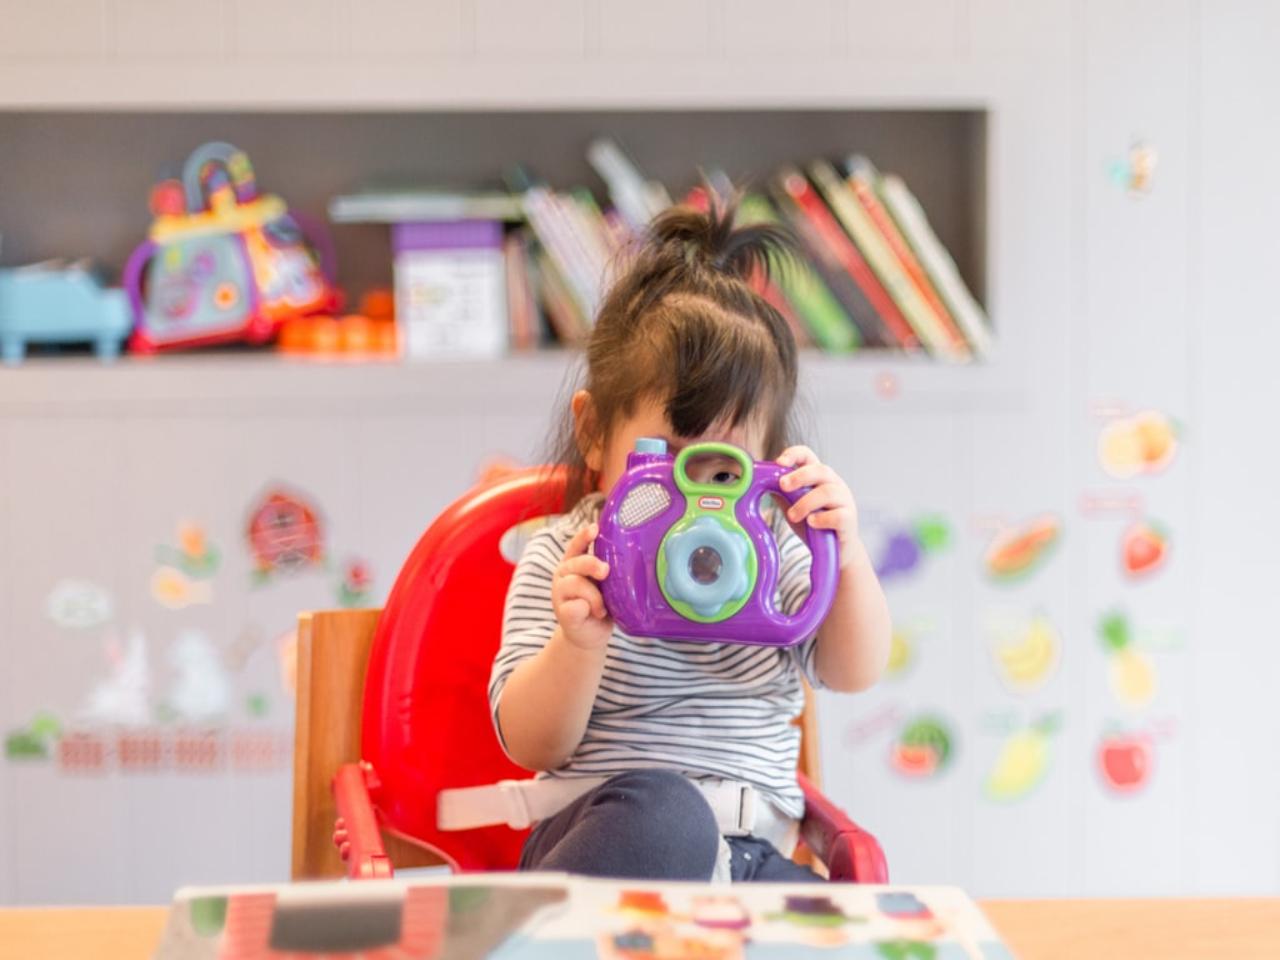 面對孩子的情緒勒索該怎麼辦?來看看最專業的諮商師怎麼說! – 立達徵信社